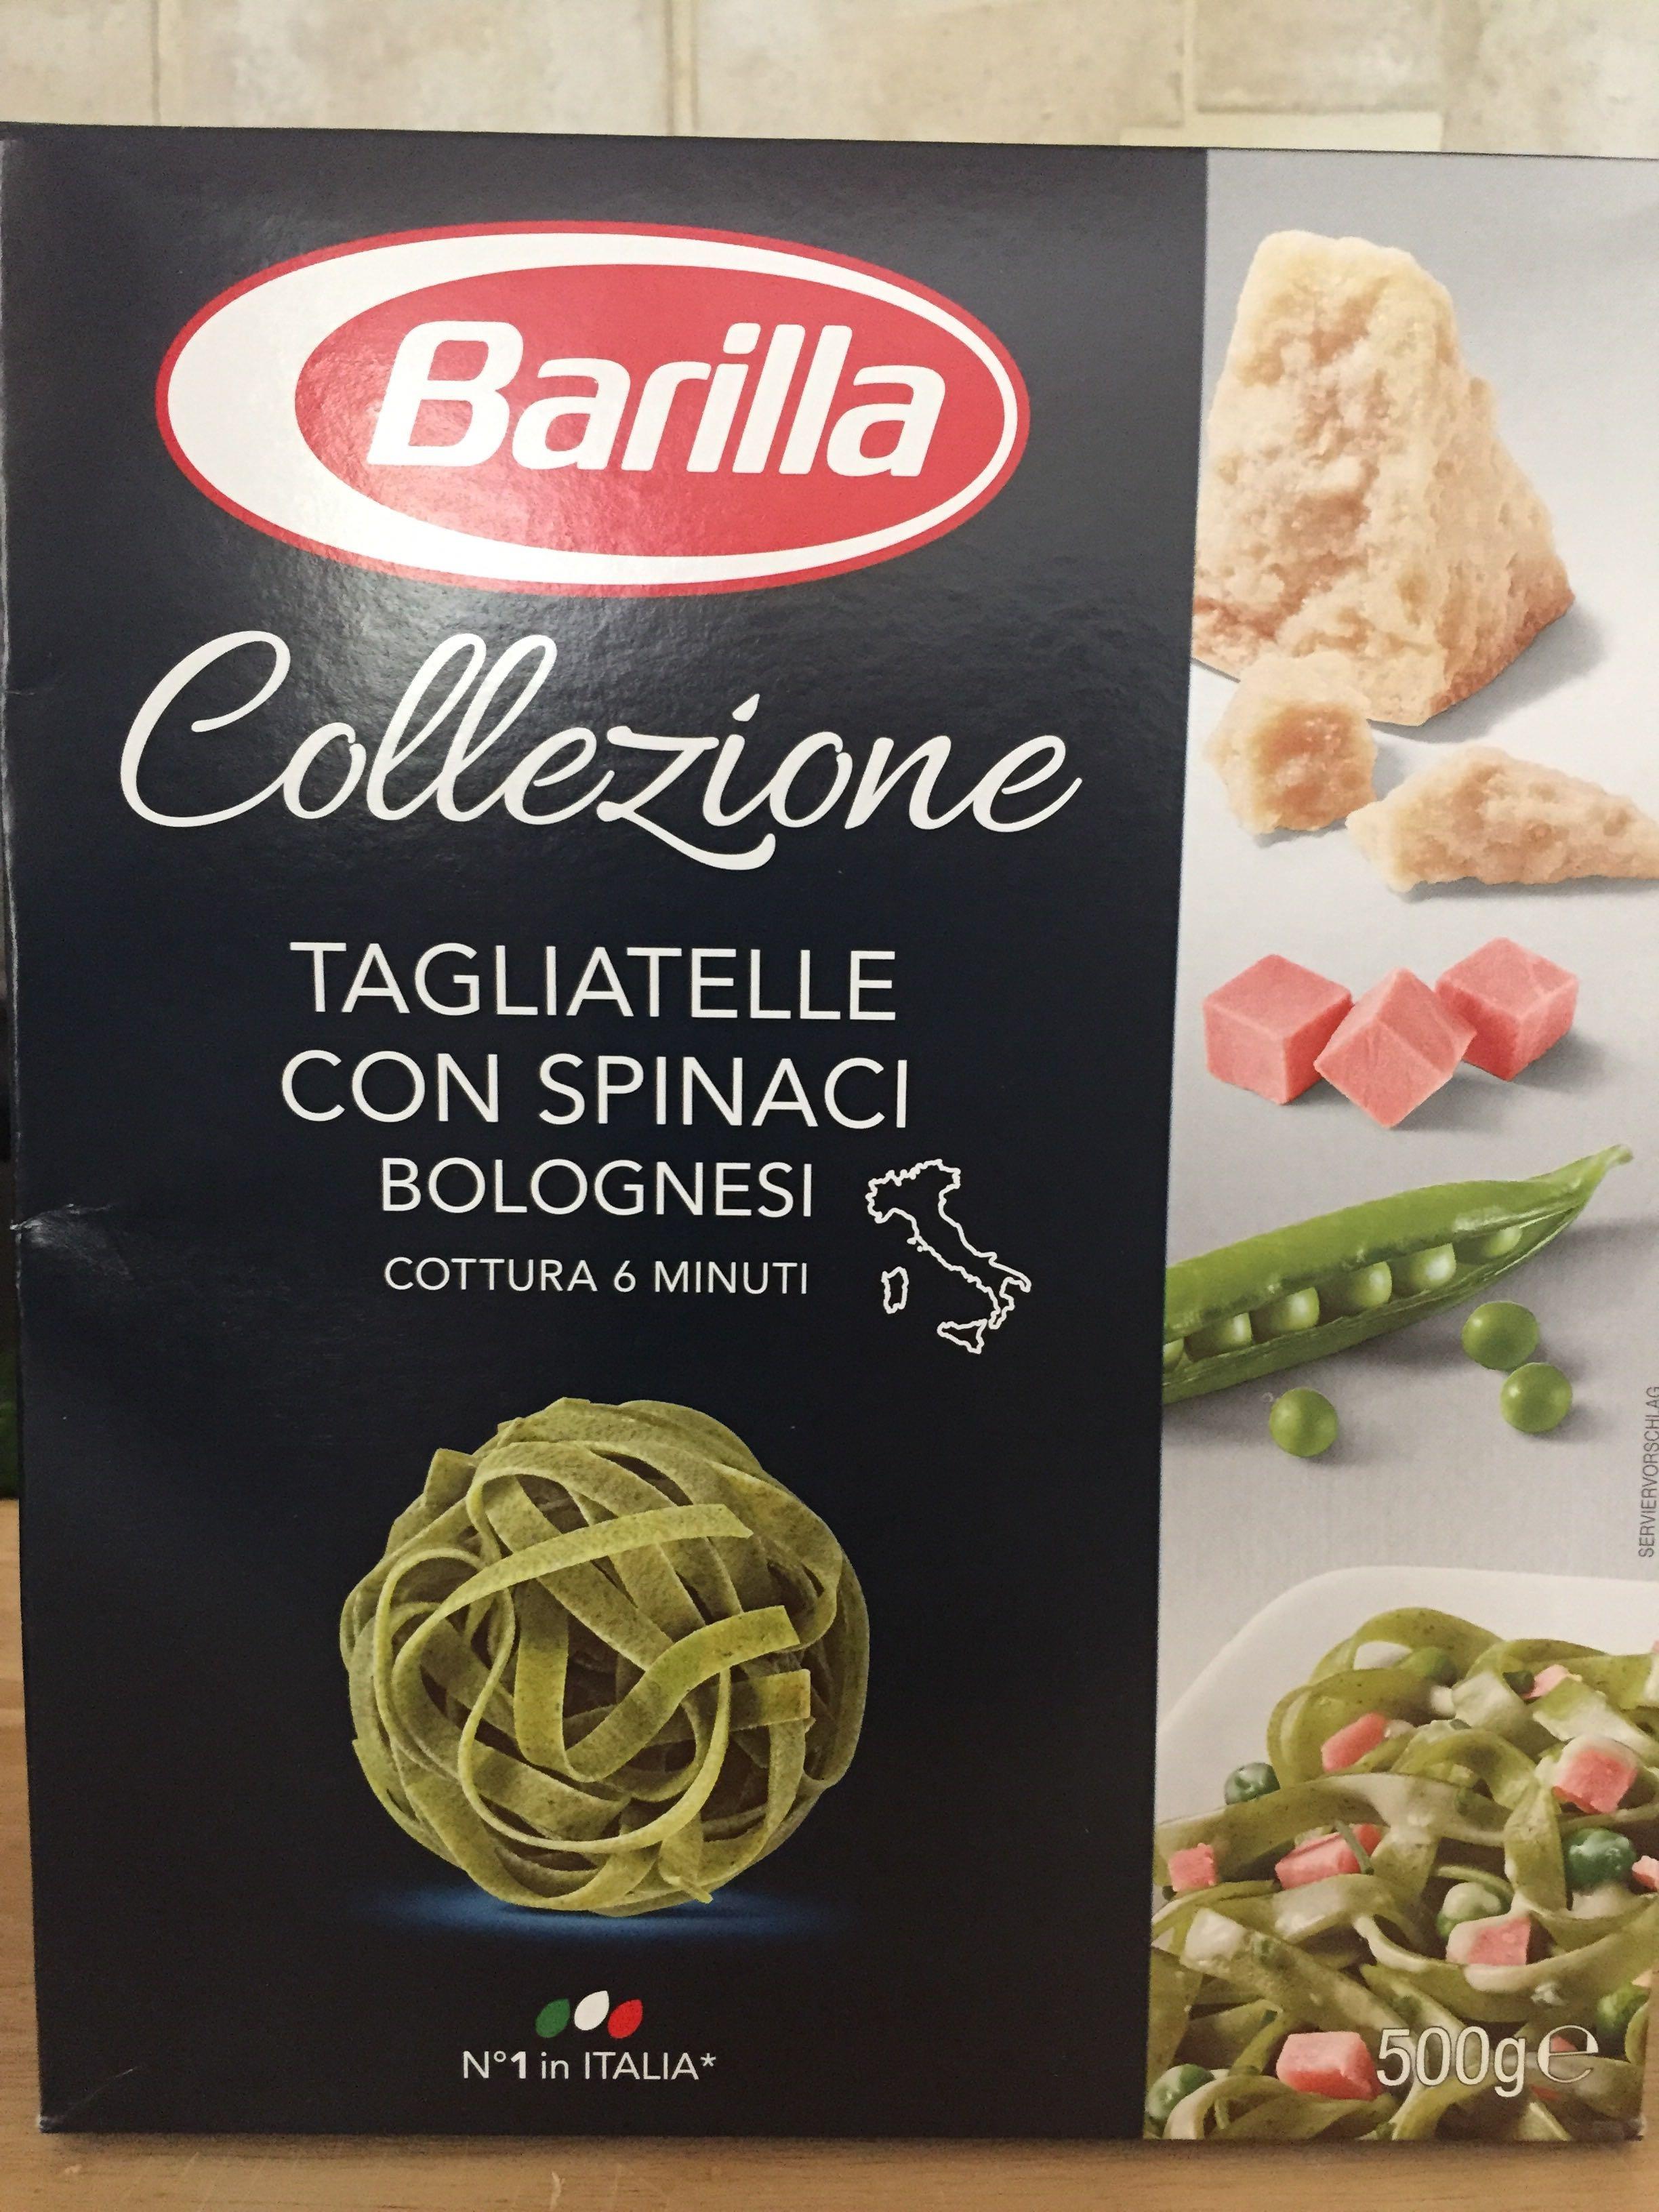 Tagliatelle Con Spinaci Barilla 500 G